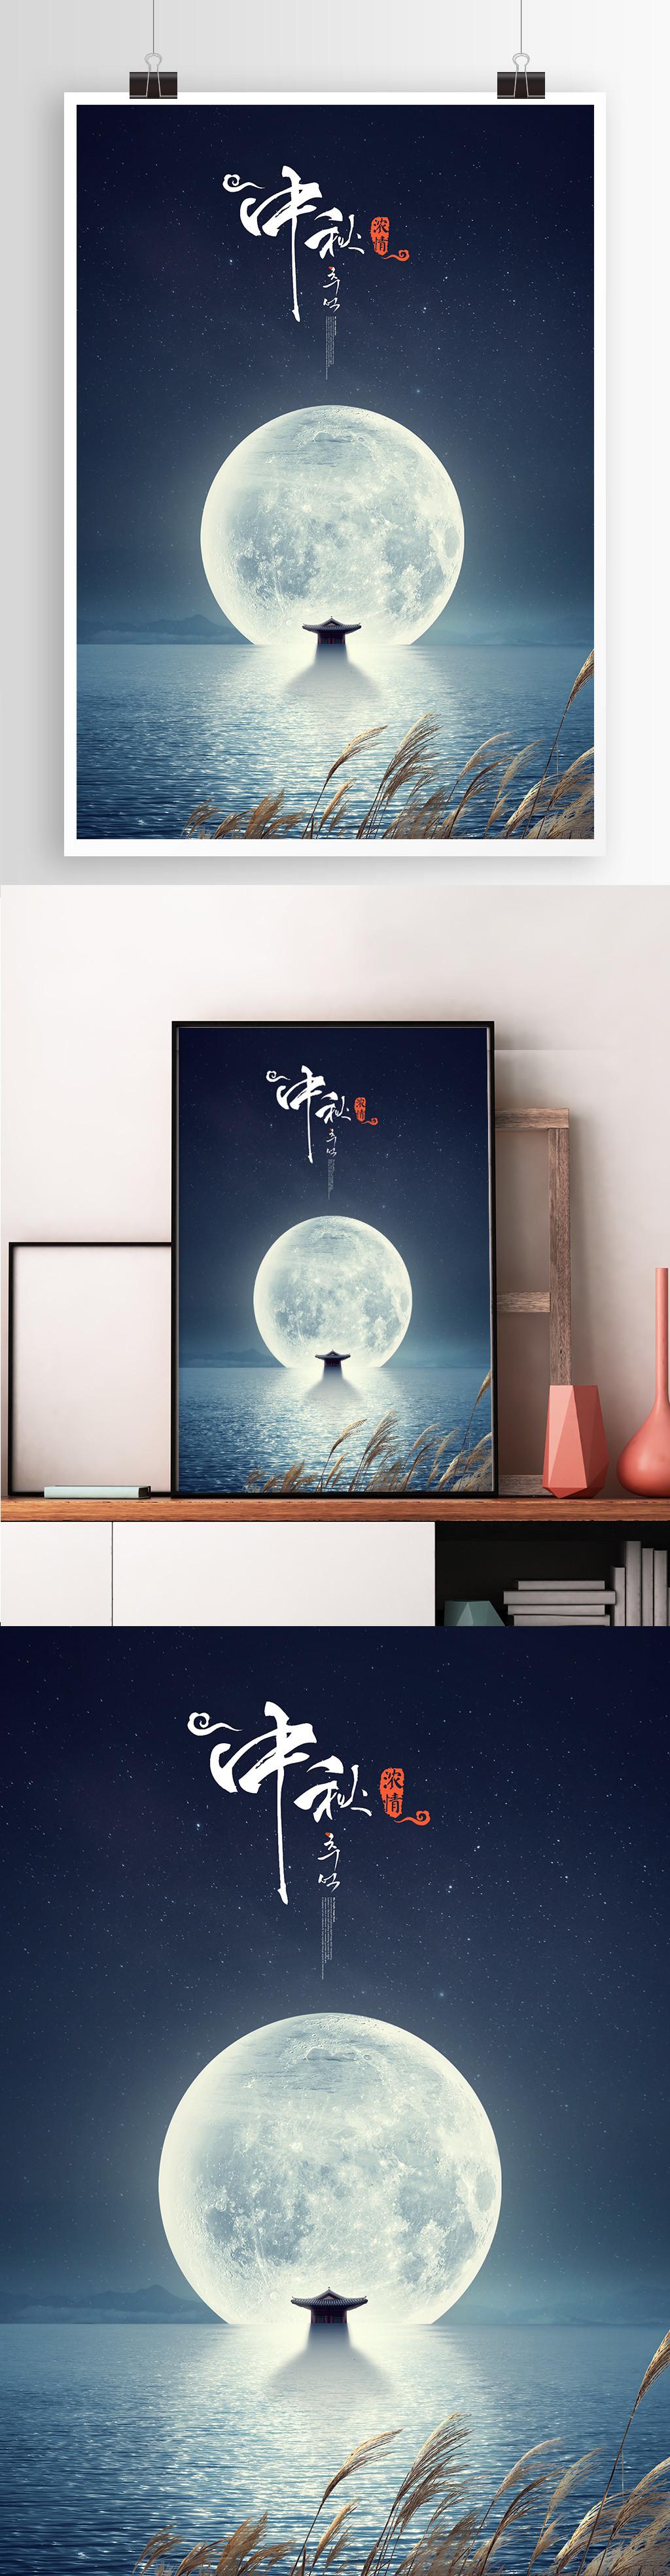 浓情中秋古建筑海平面升起的月亮中秋节海报